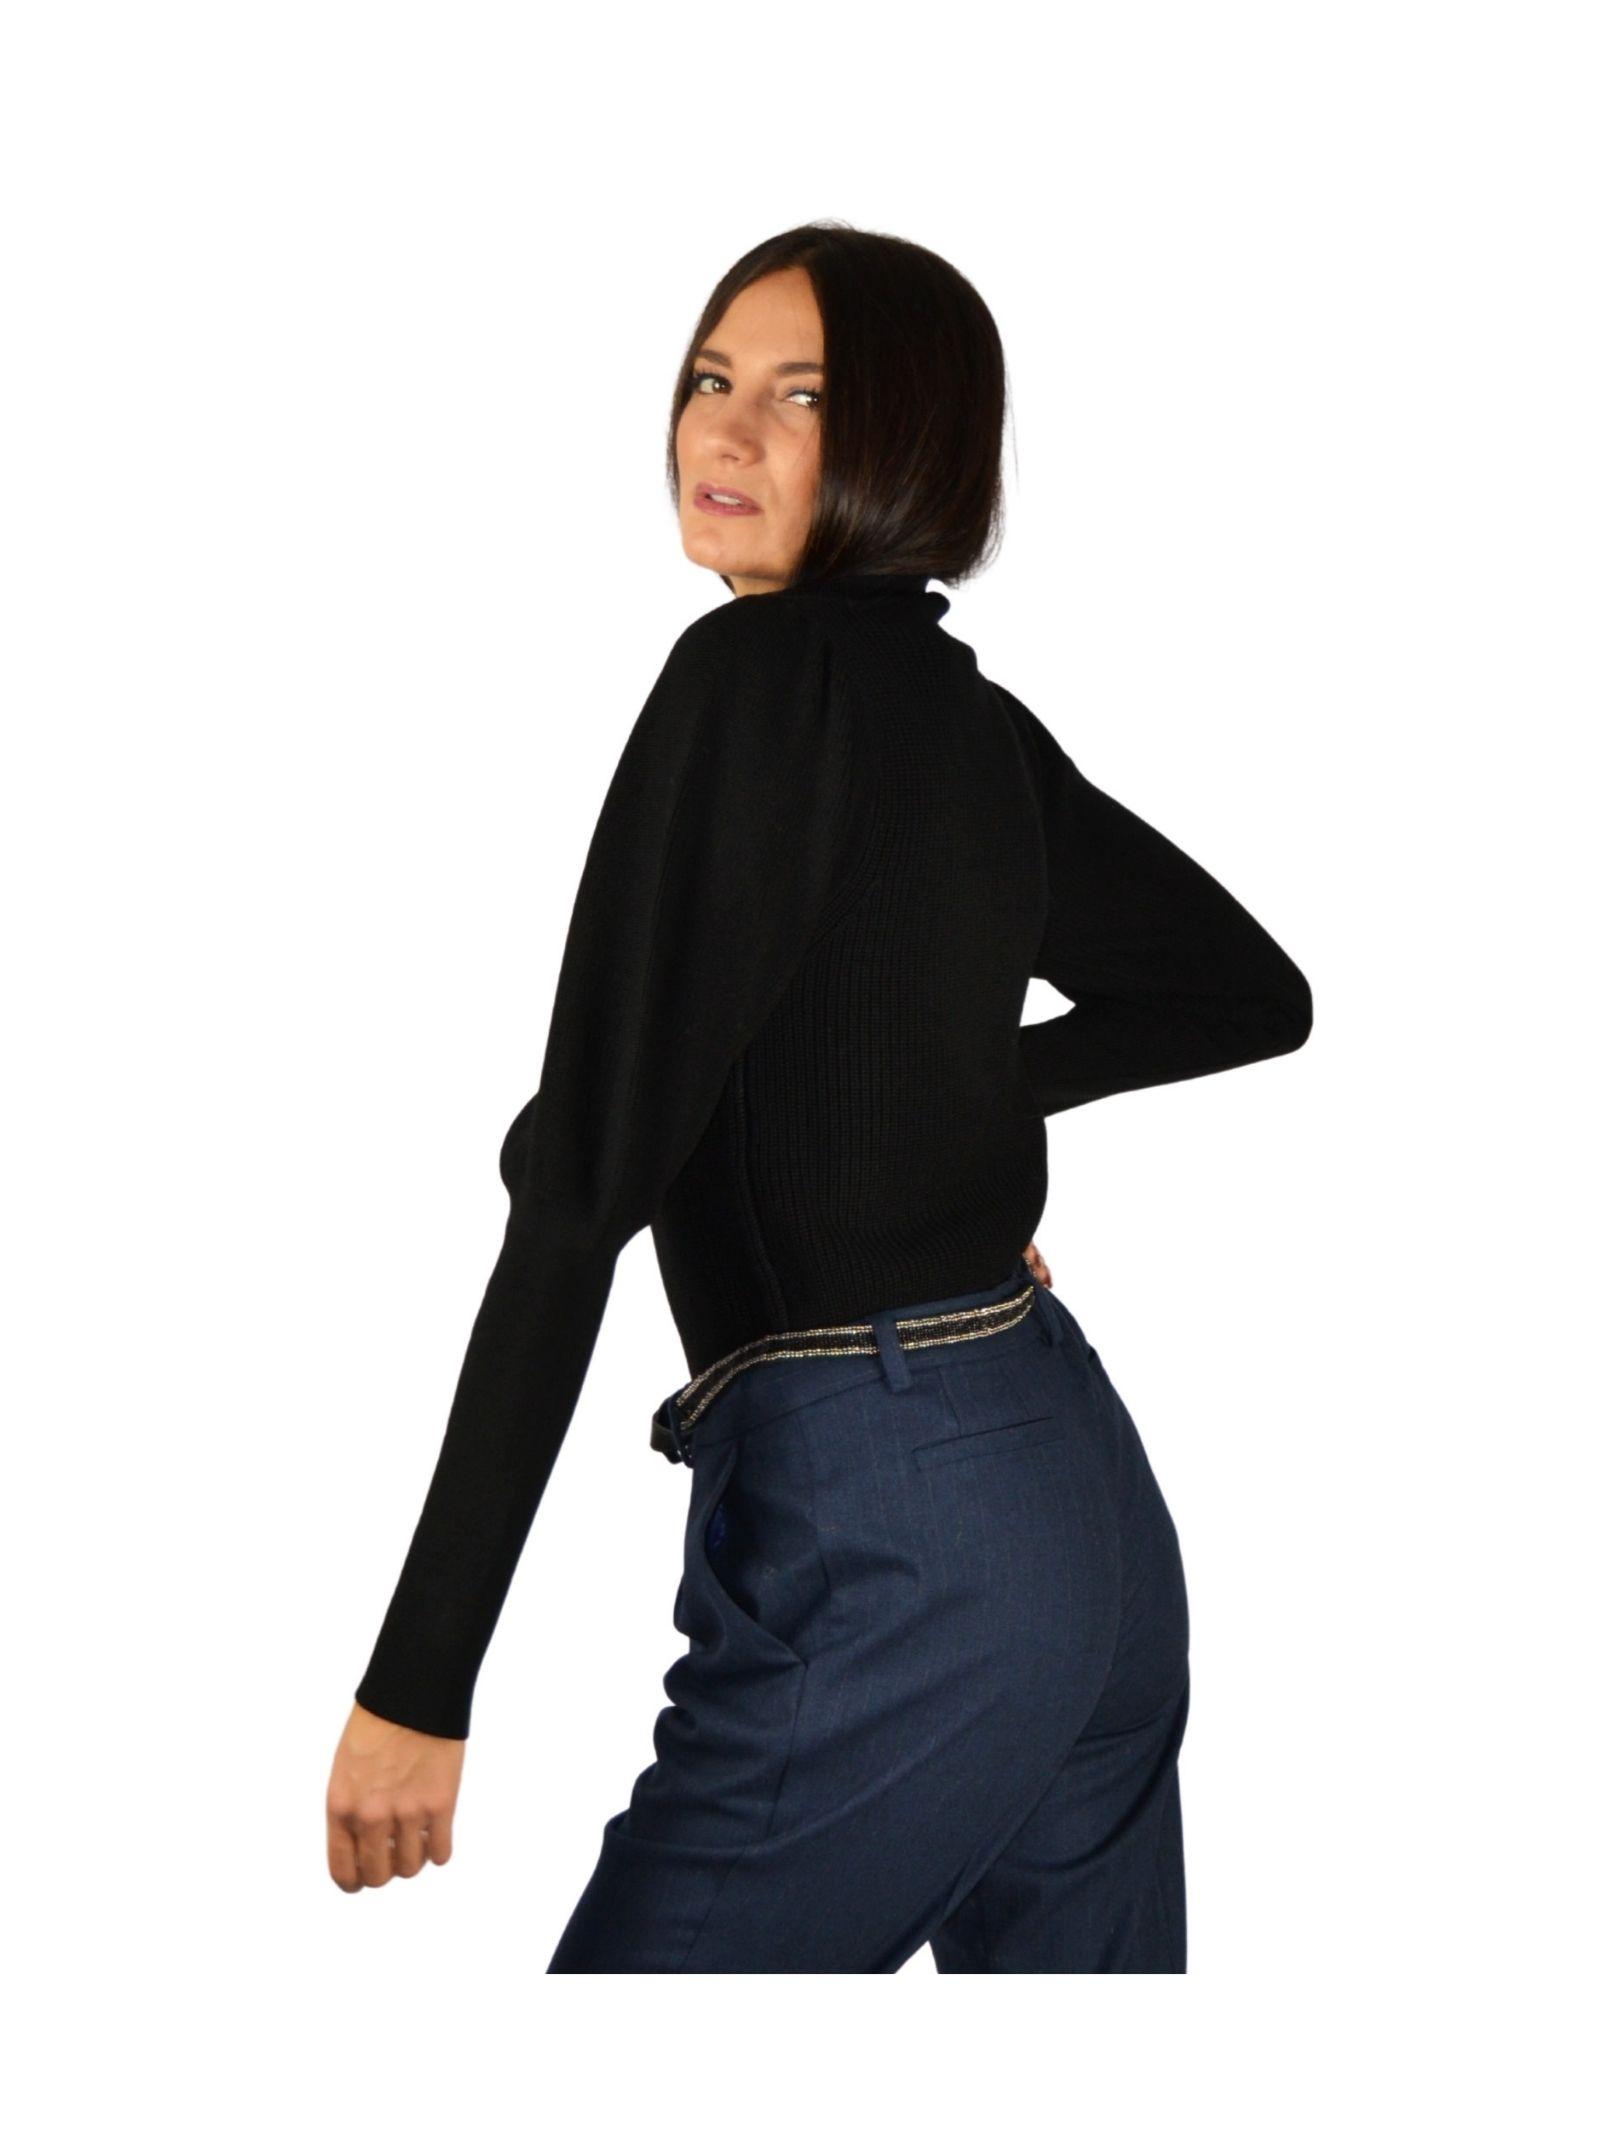 Women's Black Sweater Maliparmi   Knitwear   JQ48527423020000